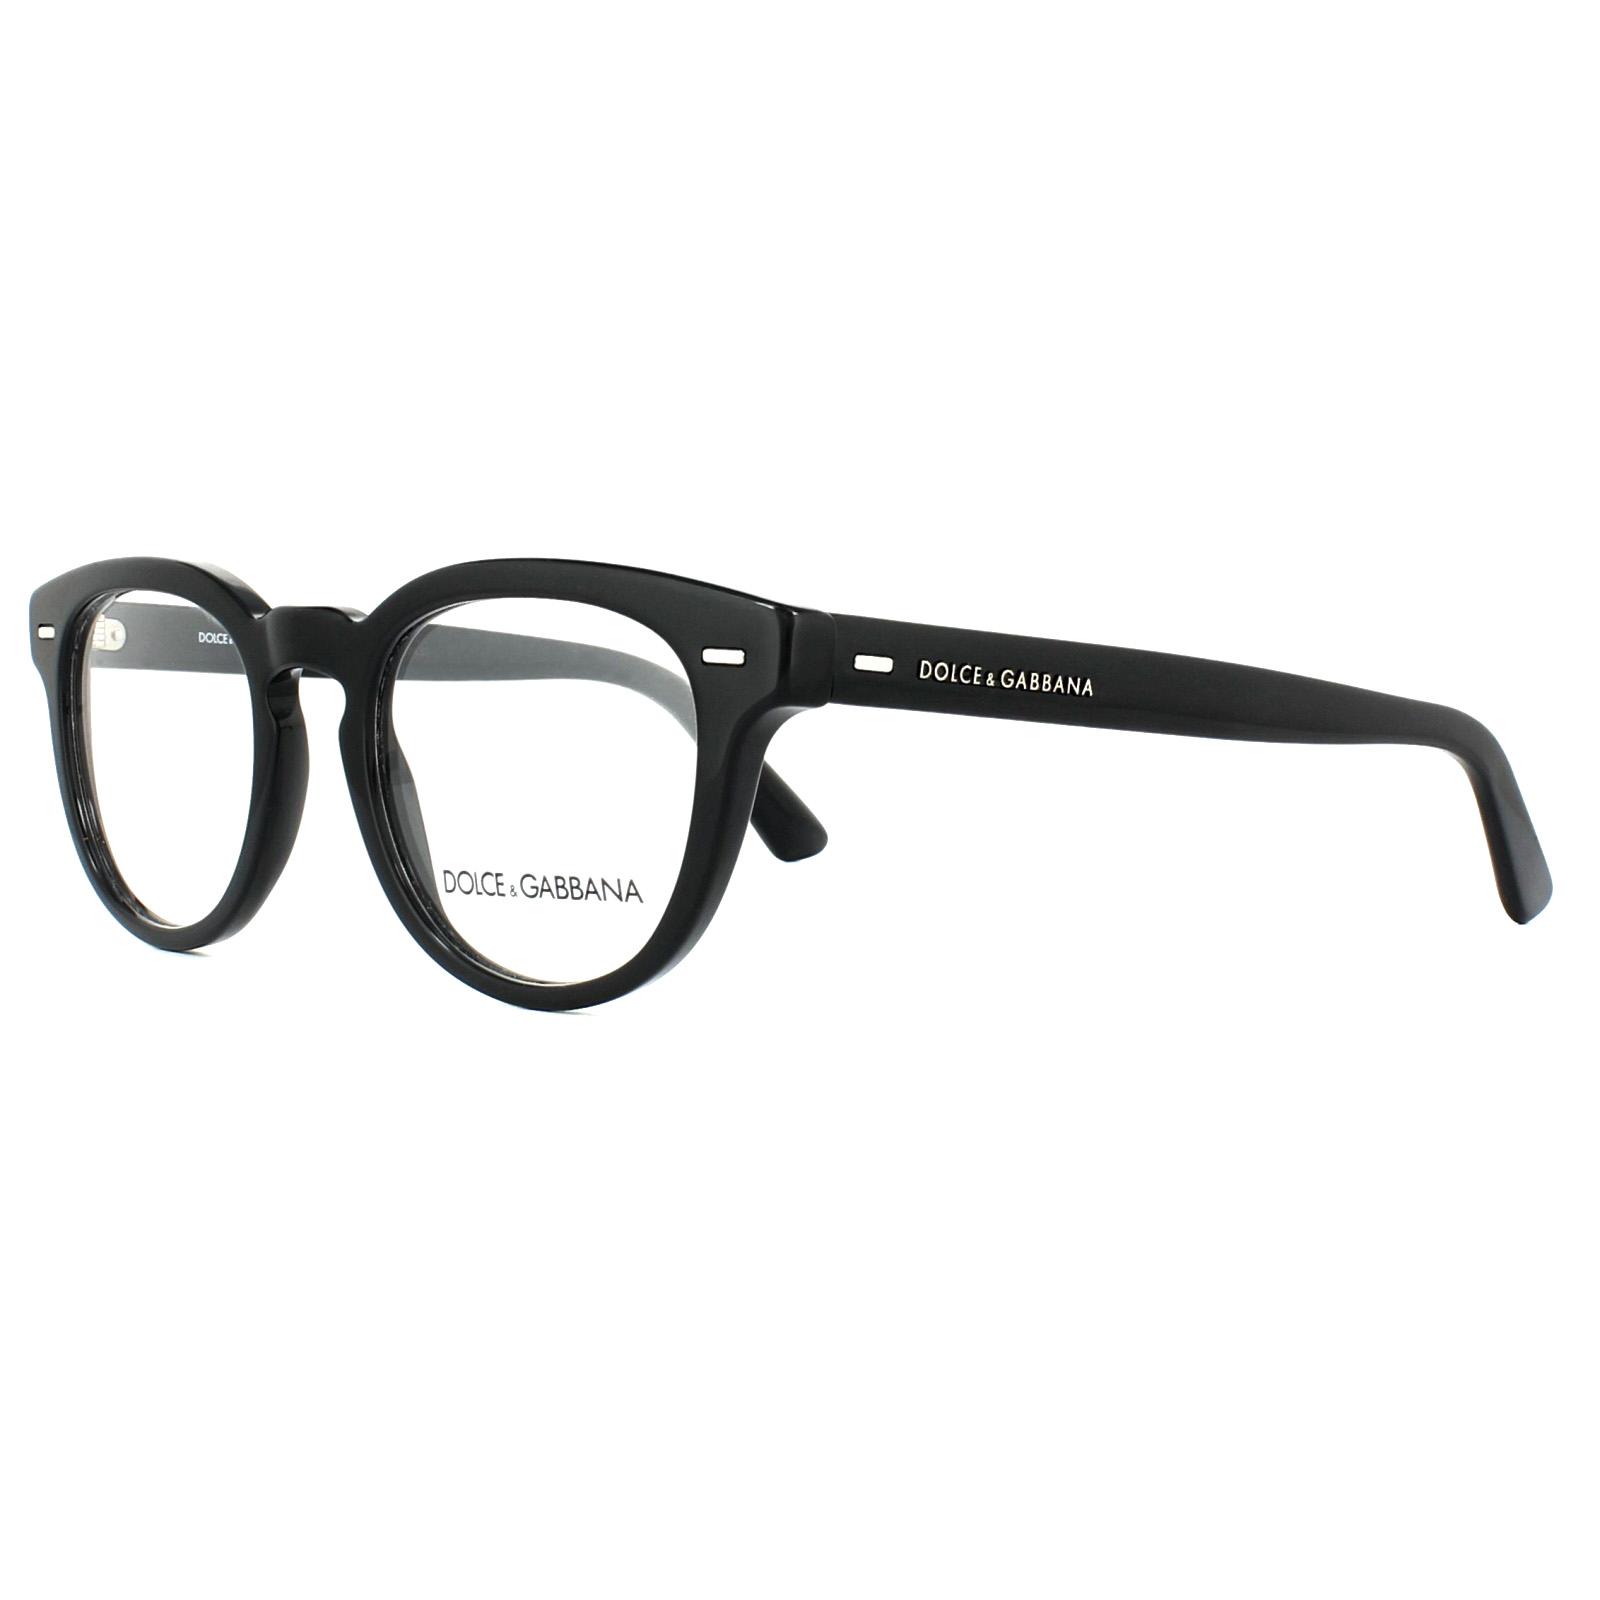 f27e59e7cfe Sentinel Dolce   Gabbana Glasses Frames DG 3225 501 Black 48mm Mens